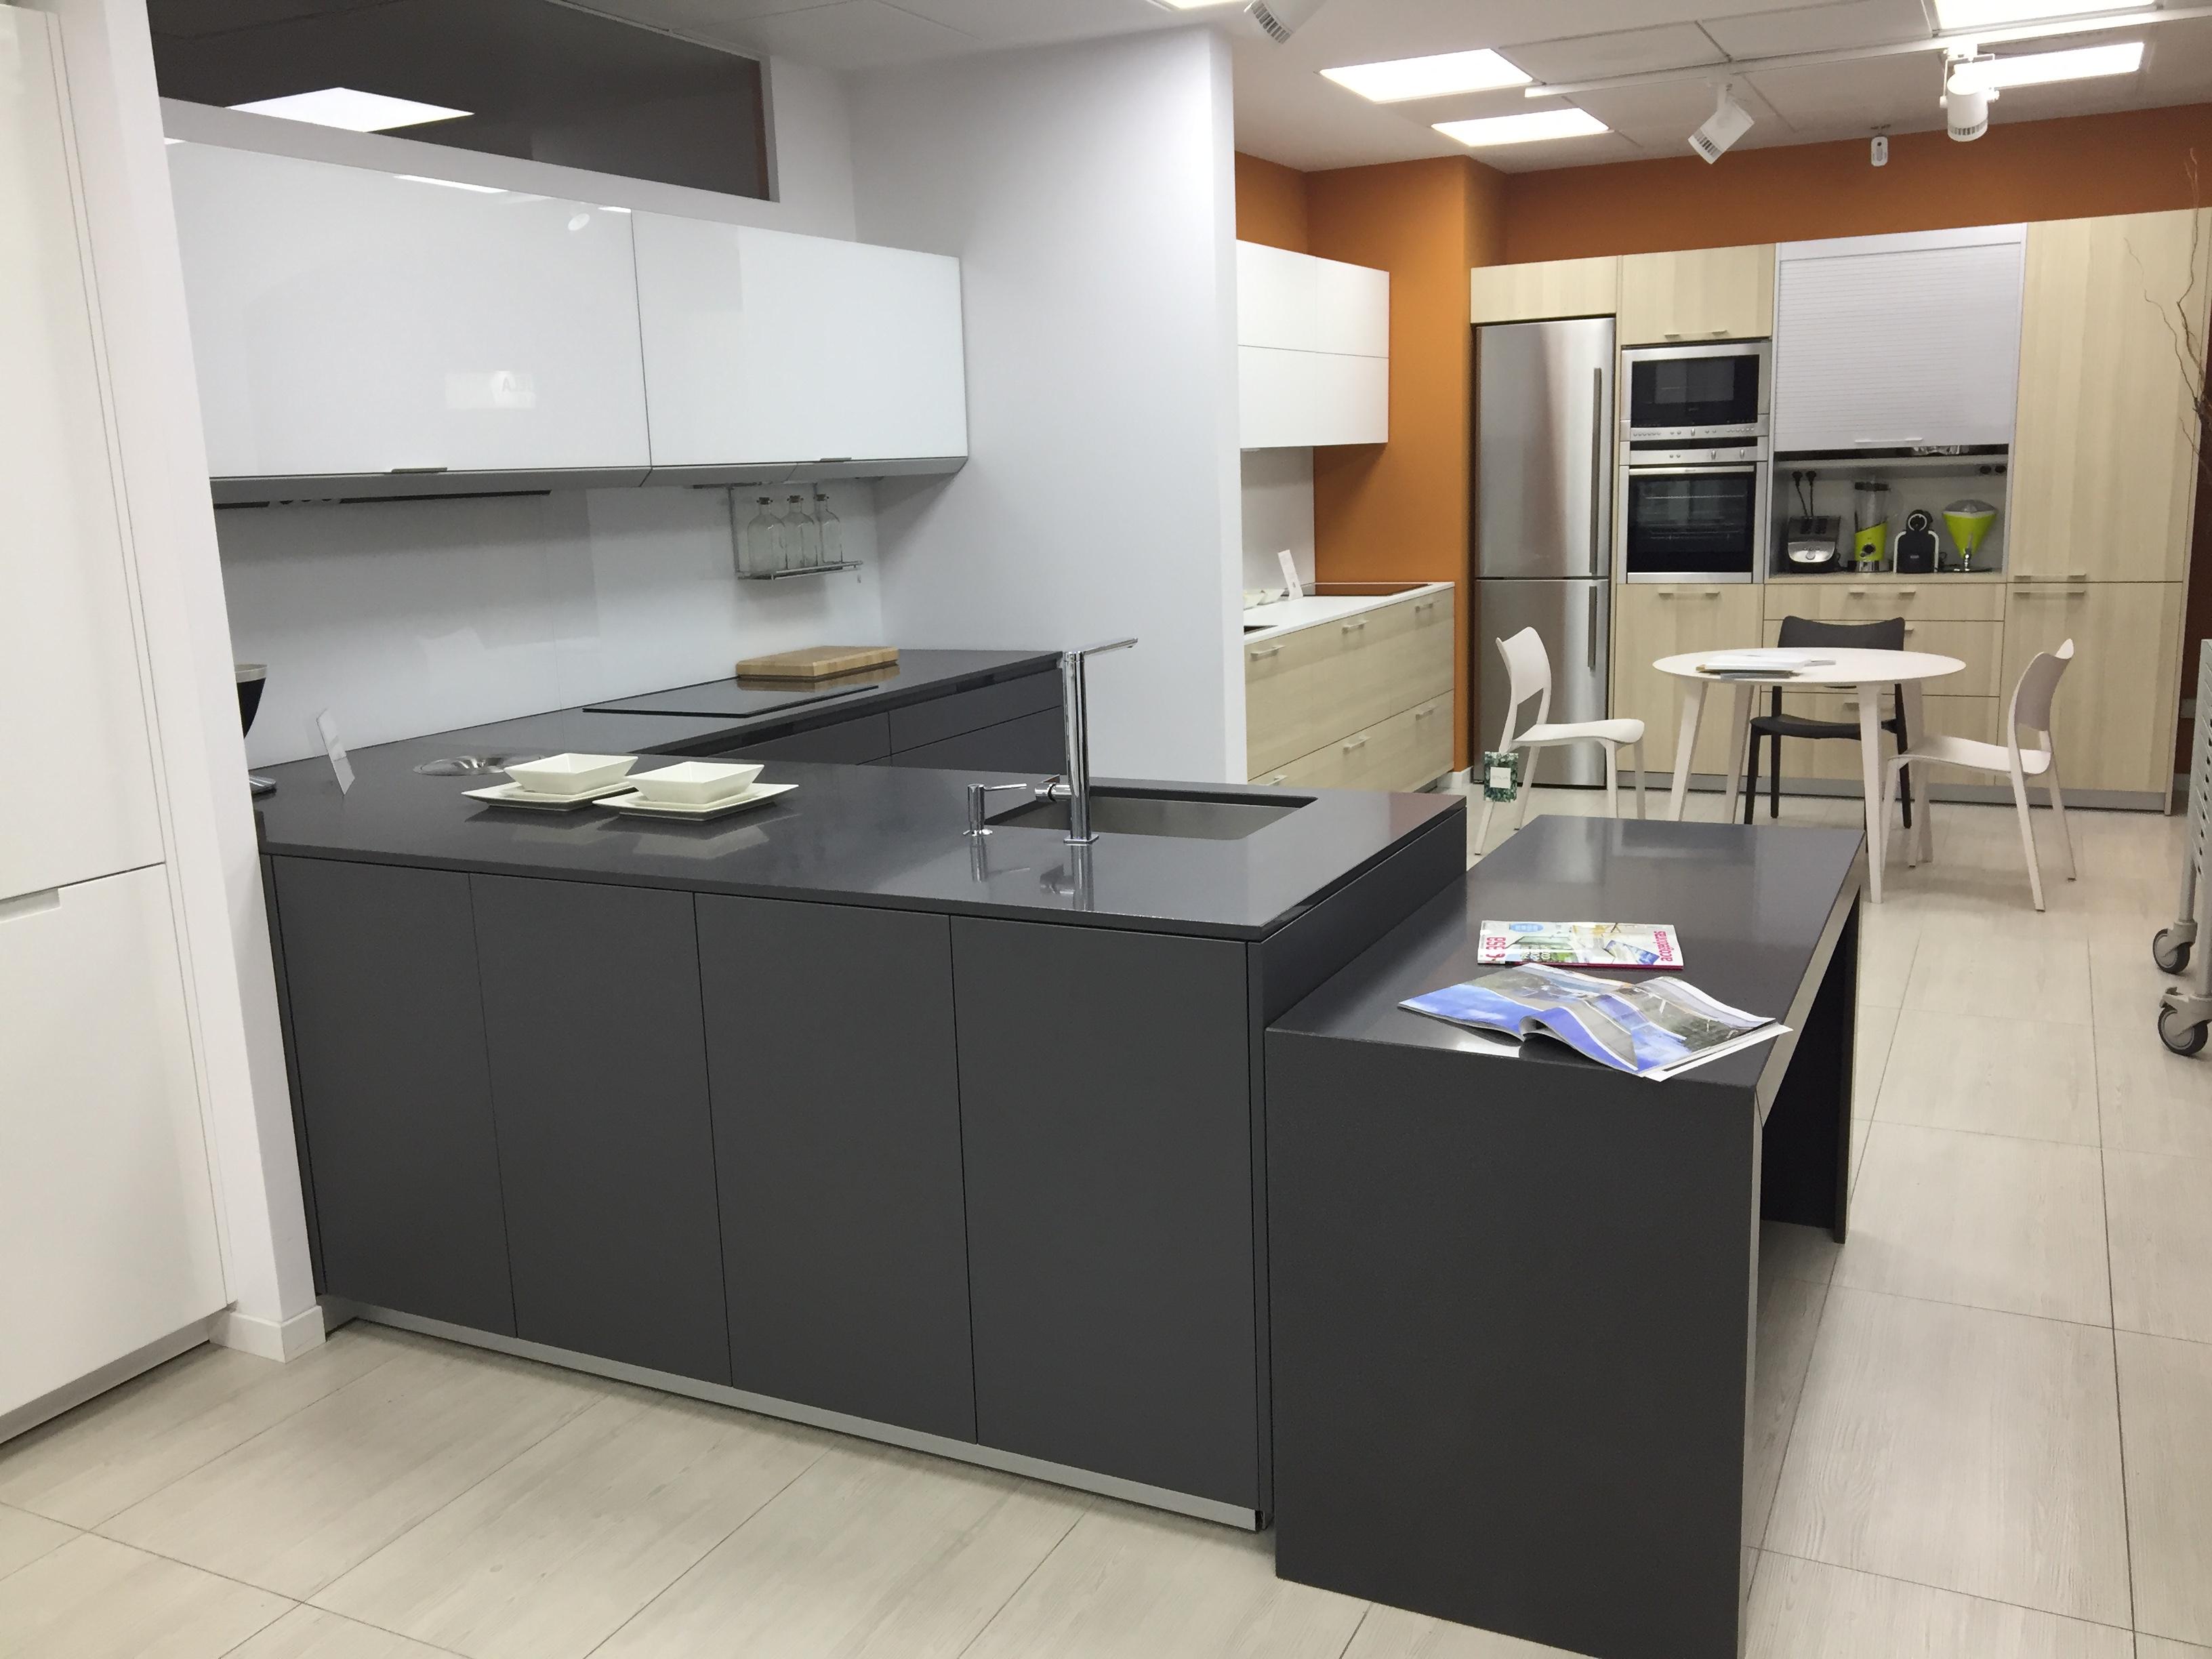 COCINAS EXPOSICION INTRA GRIS - Santos muebles de cocina